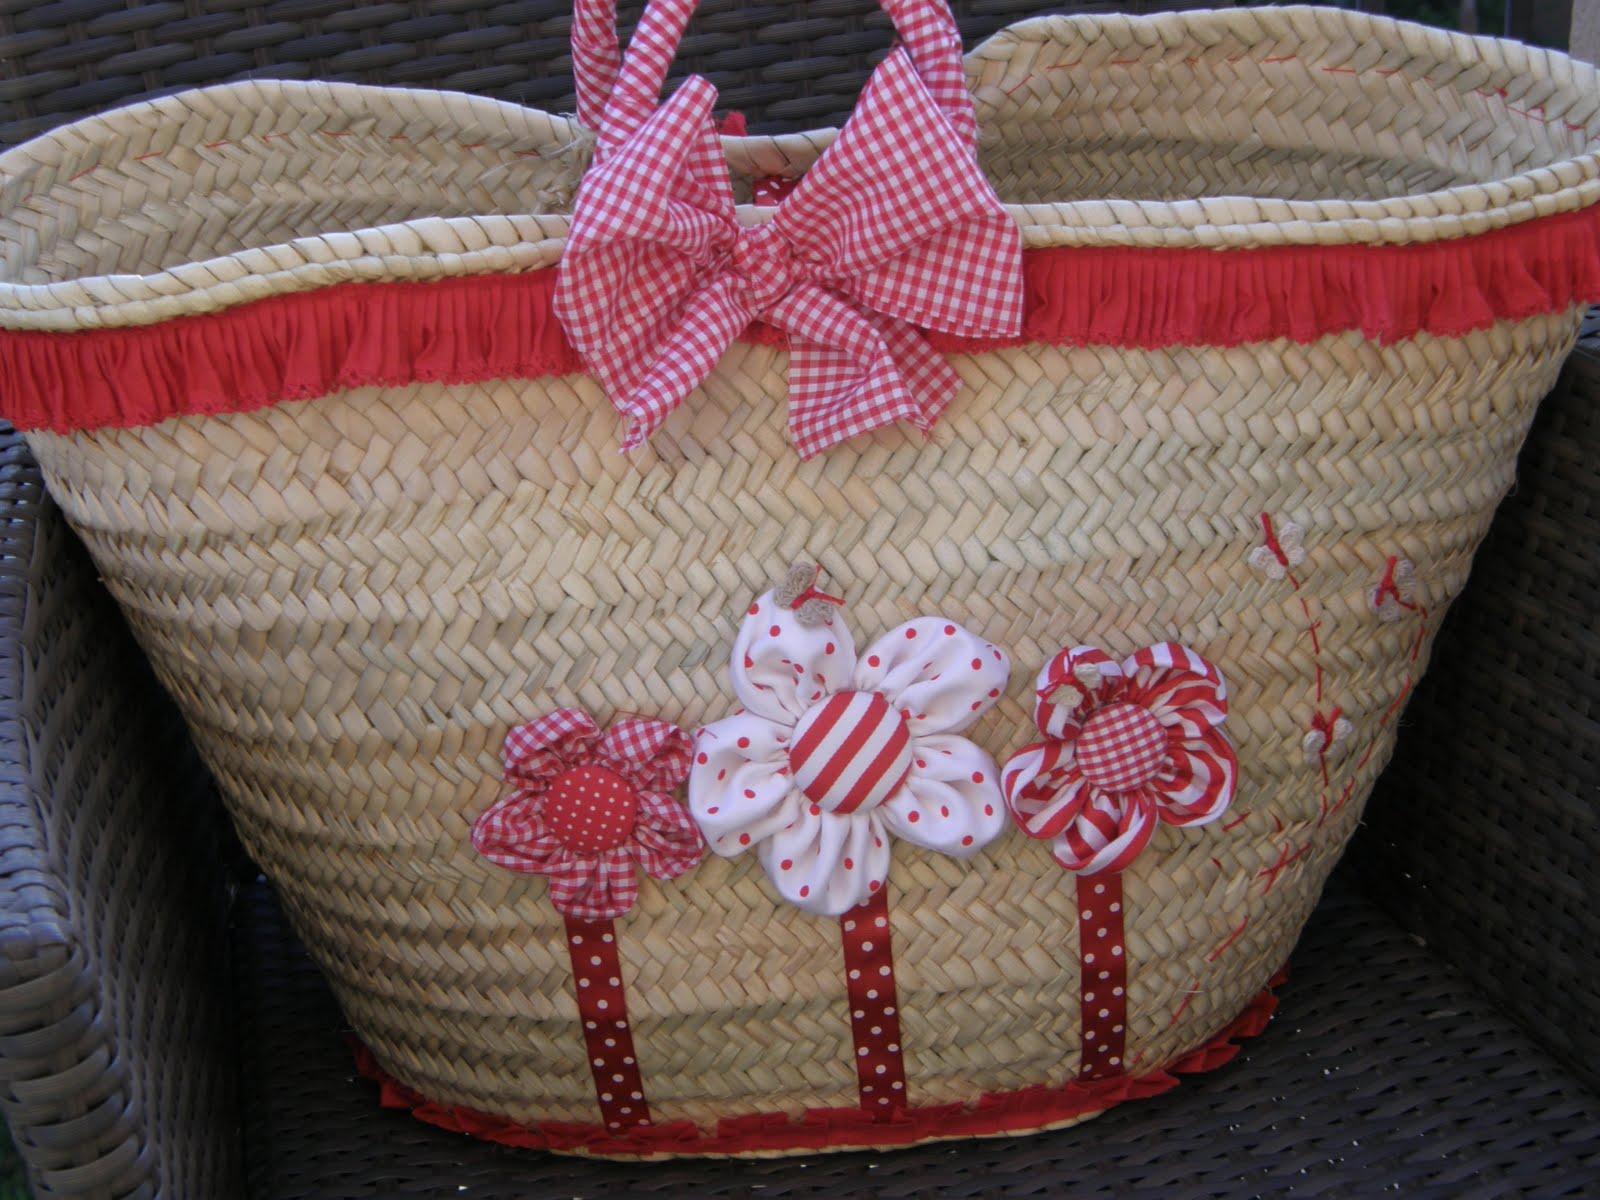 Maria enredos cestas de mimbre - Como forrar una cesta de mimbre ...